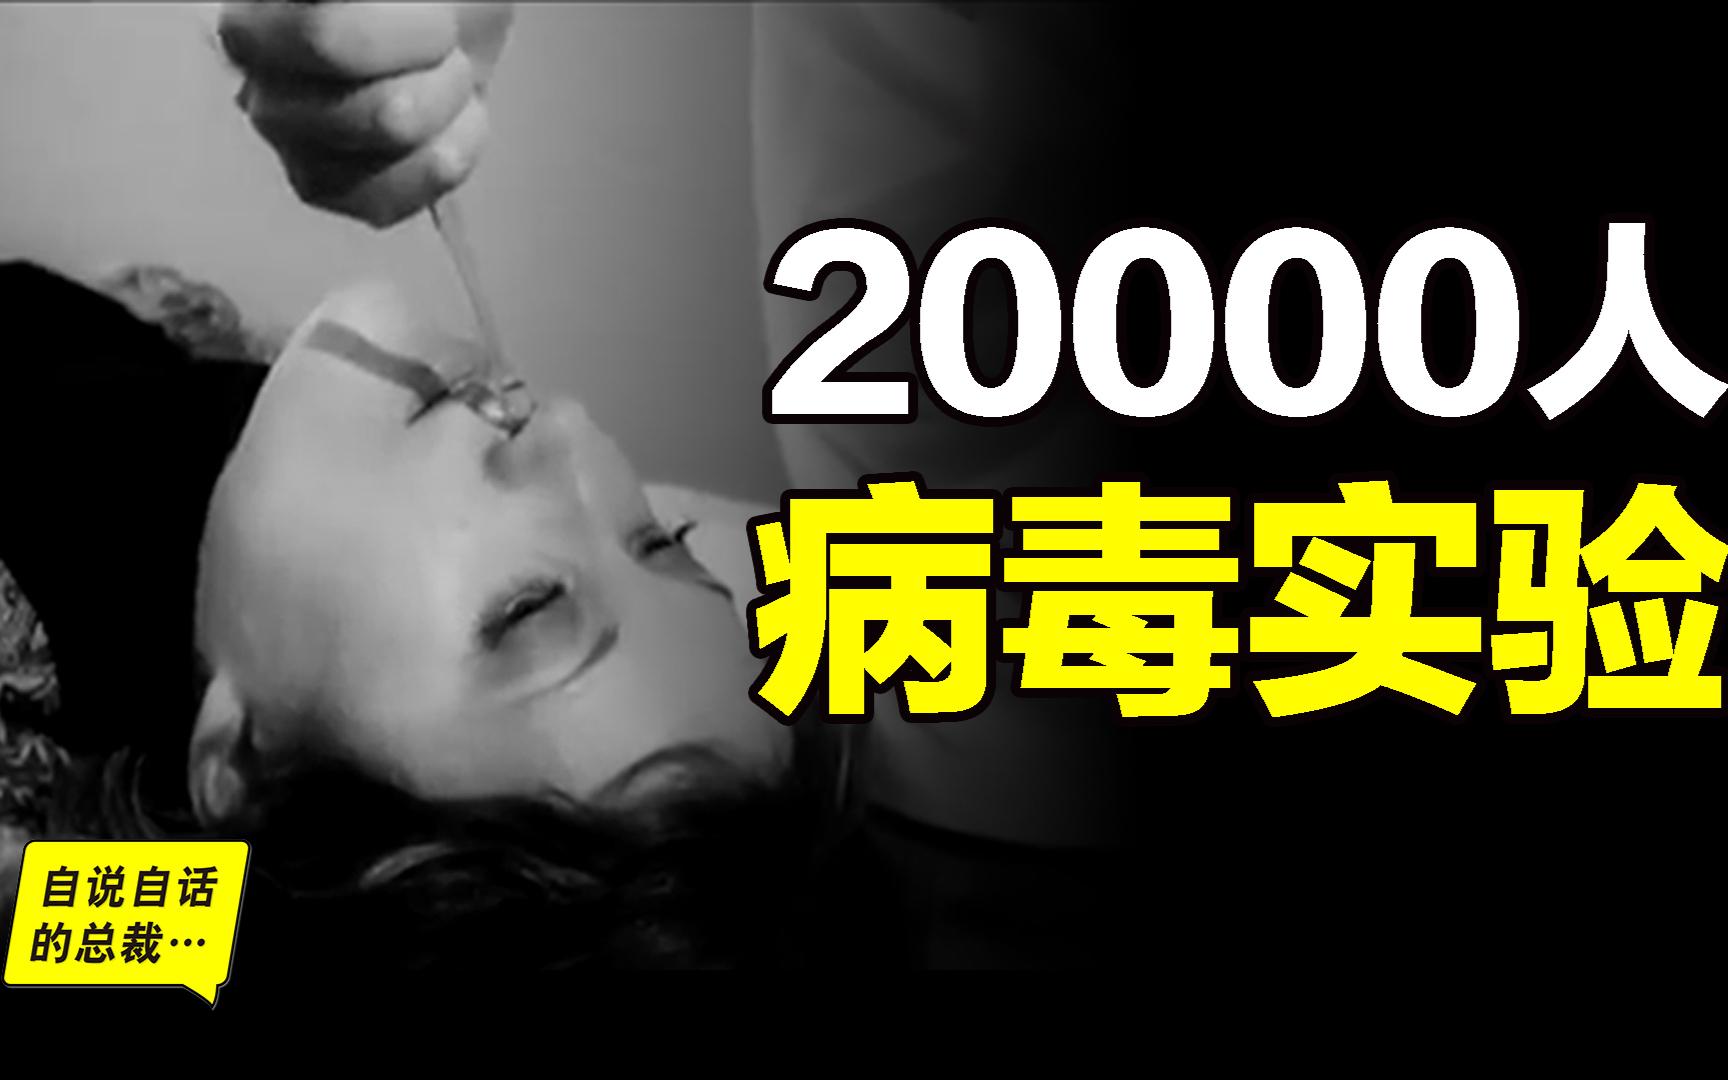 耗时53年,两万例人体实验,人类史上最大规模的一场病毒研究